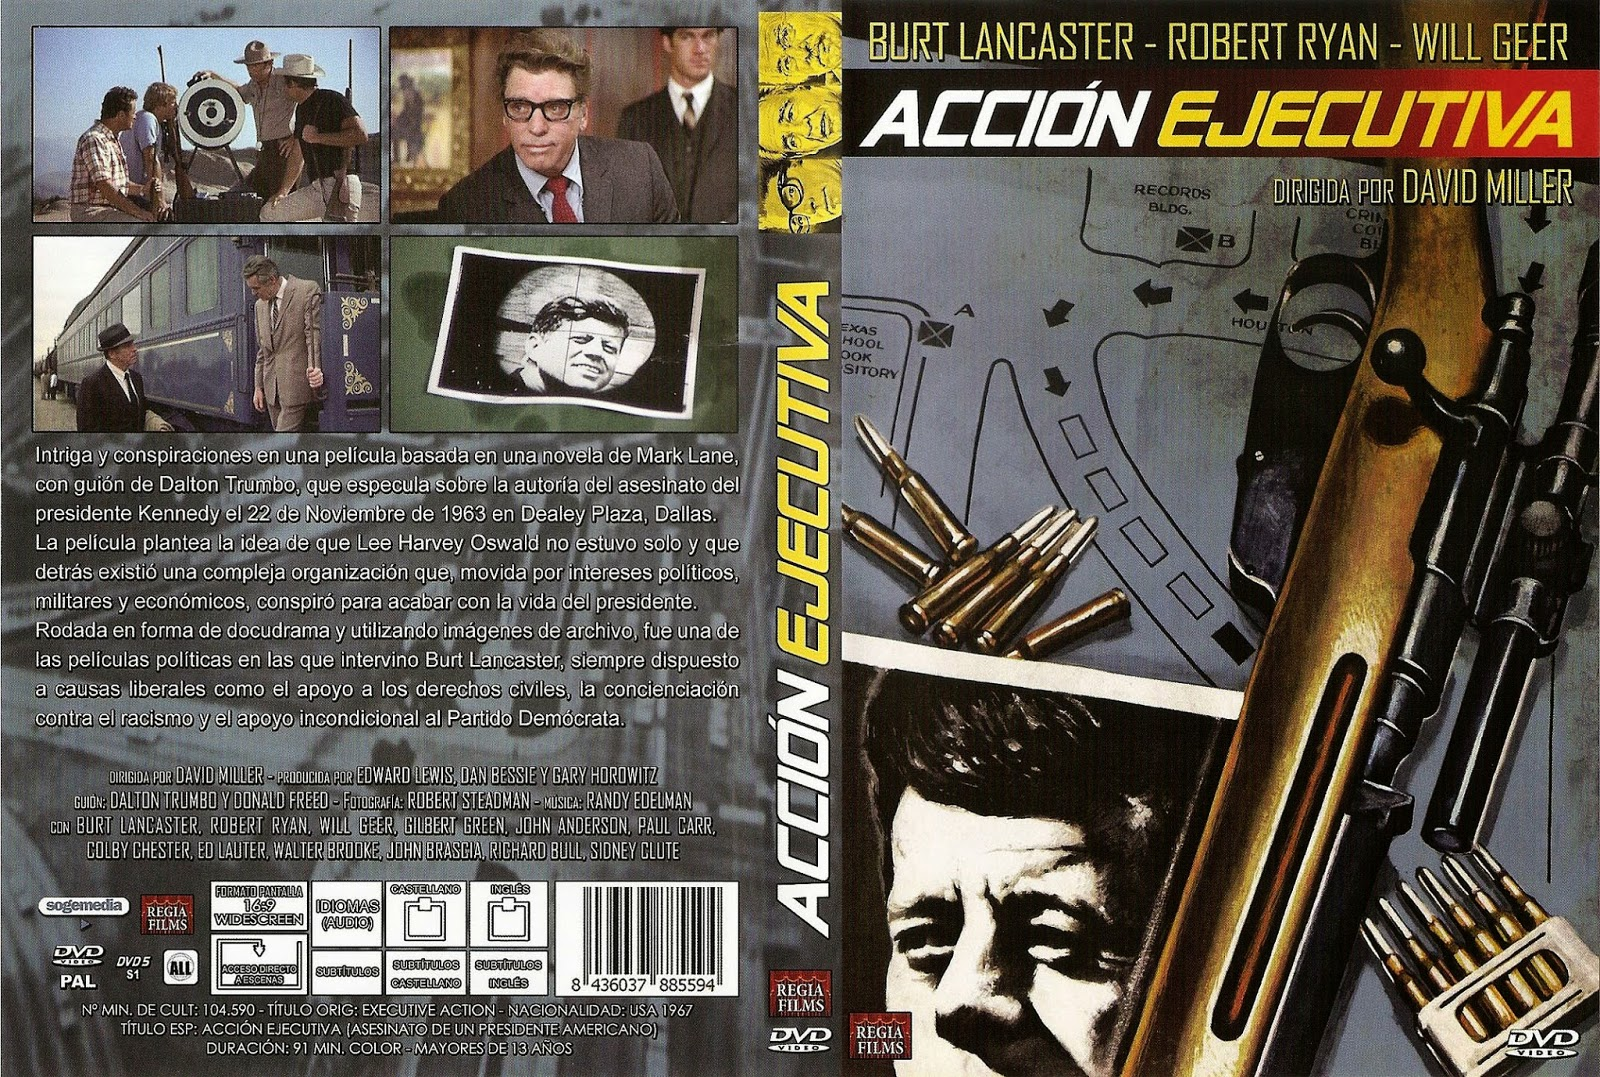 Acción ejecutiva | 1973 | Caratula